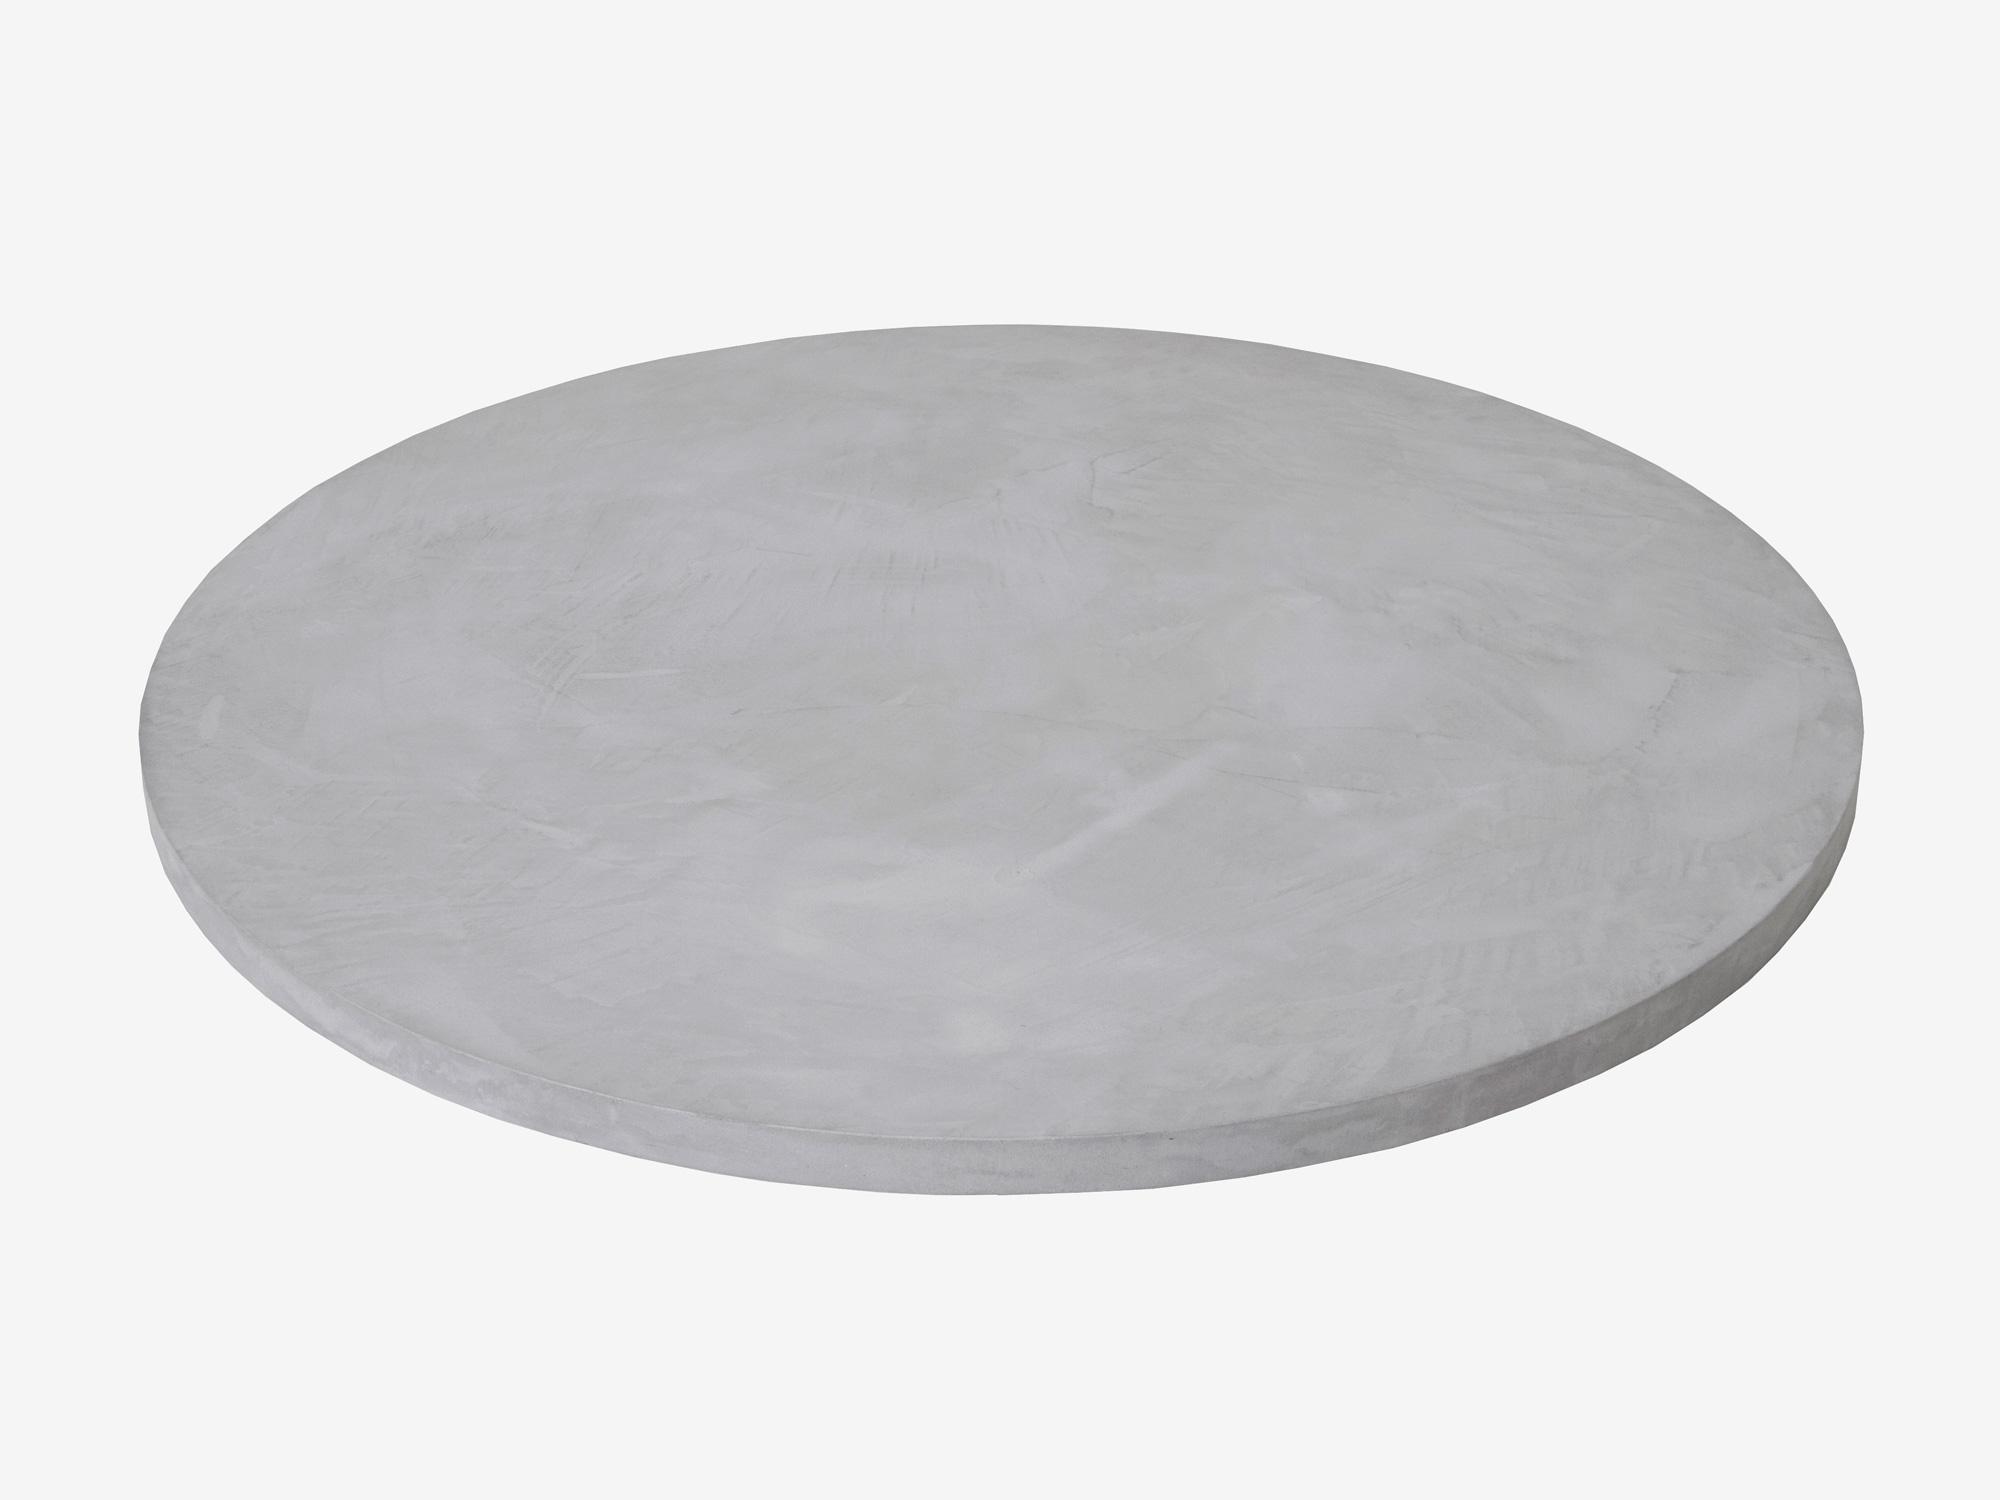 Ronde eettafel betonlook Ozzy  FRN maatwerk meubelen